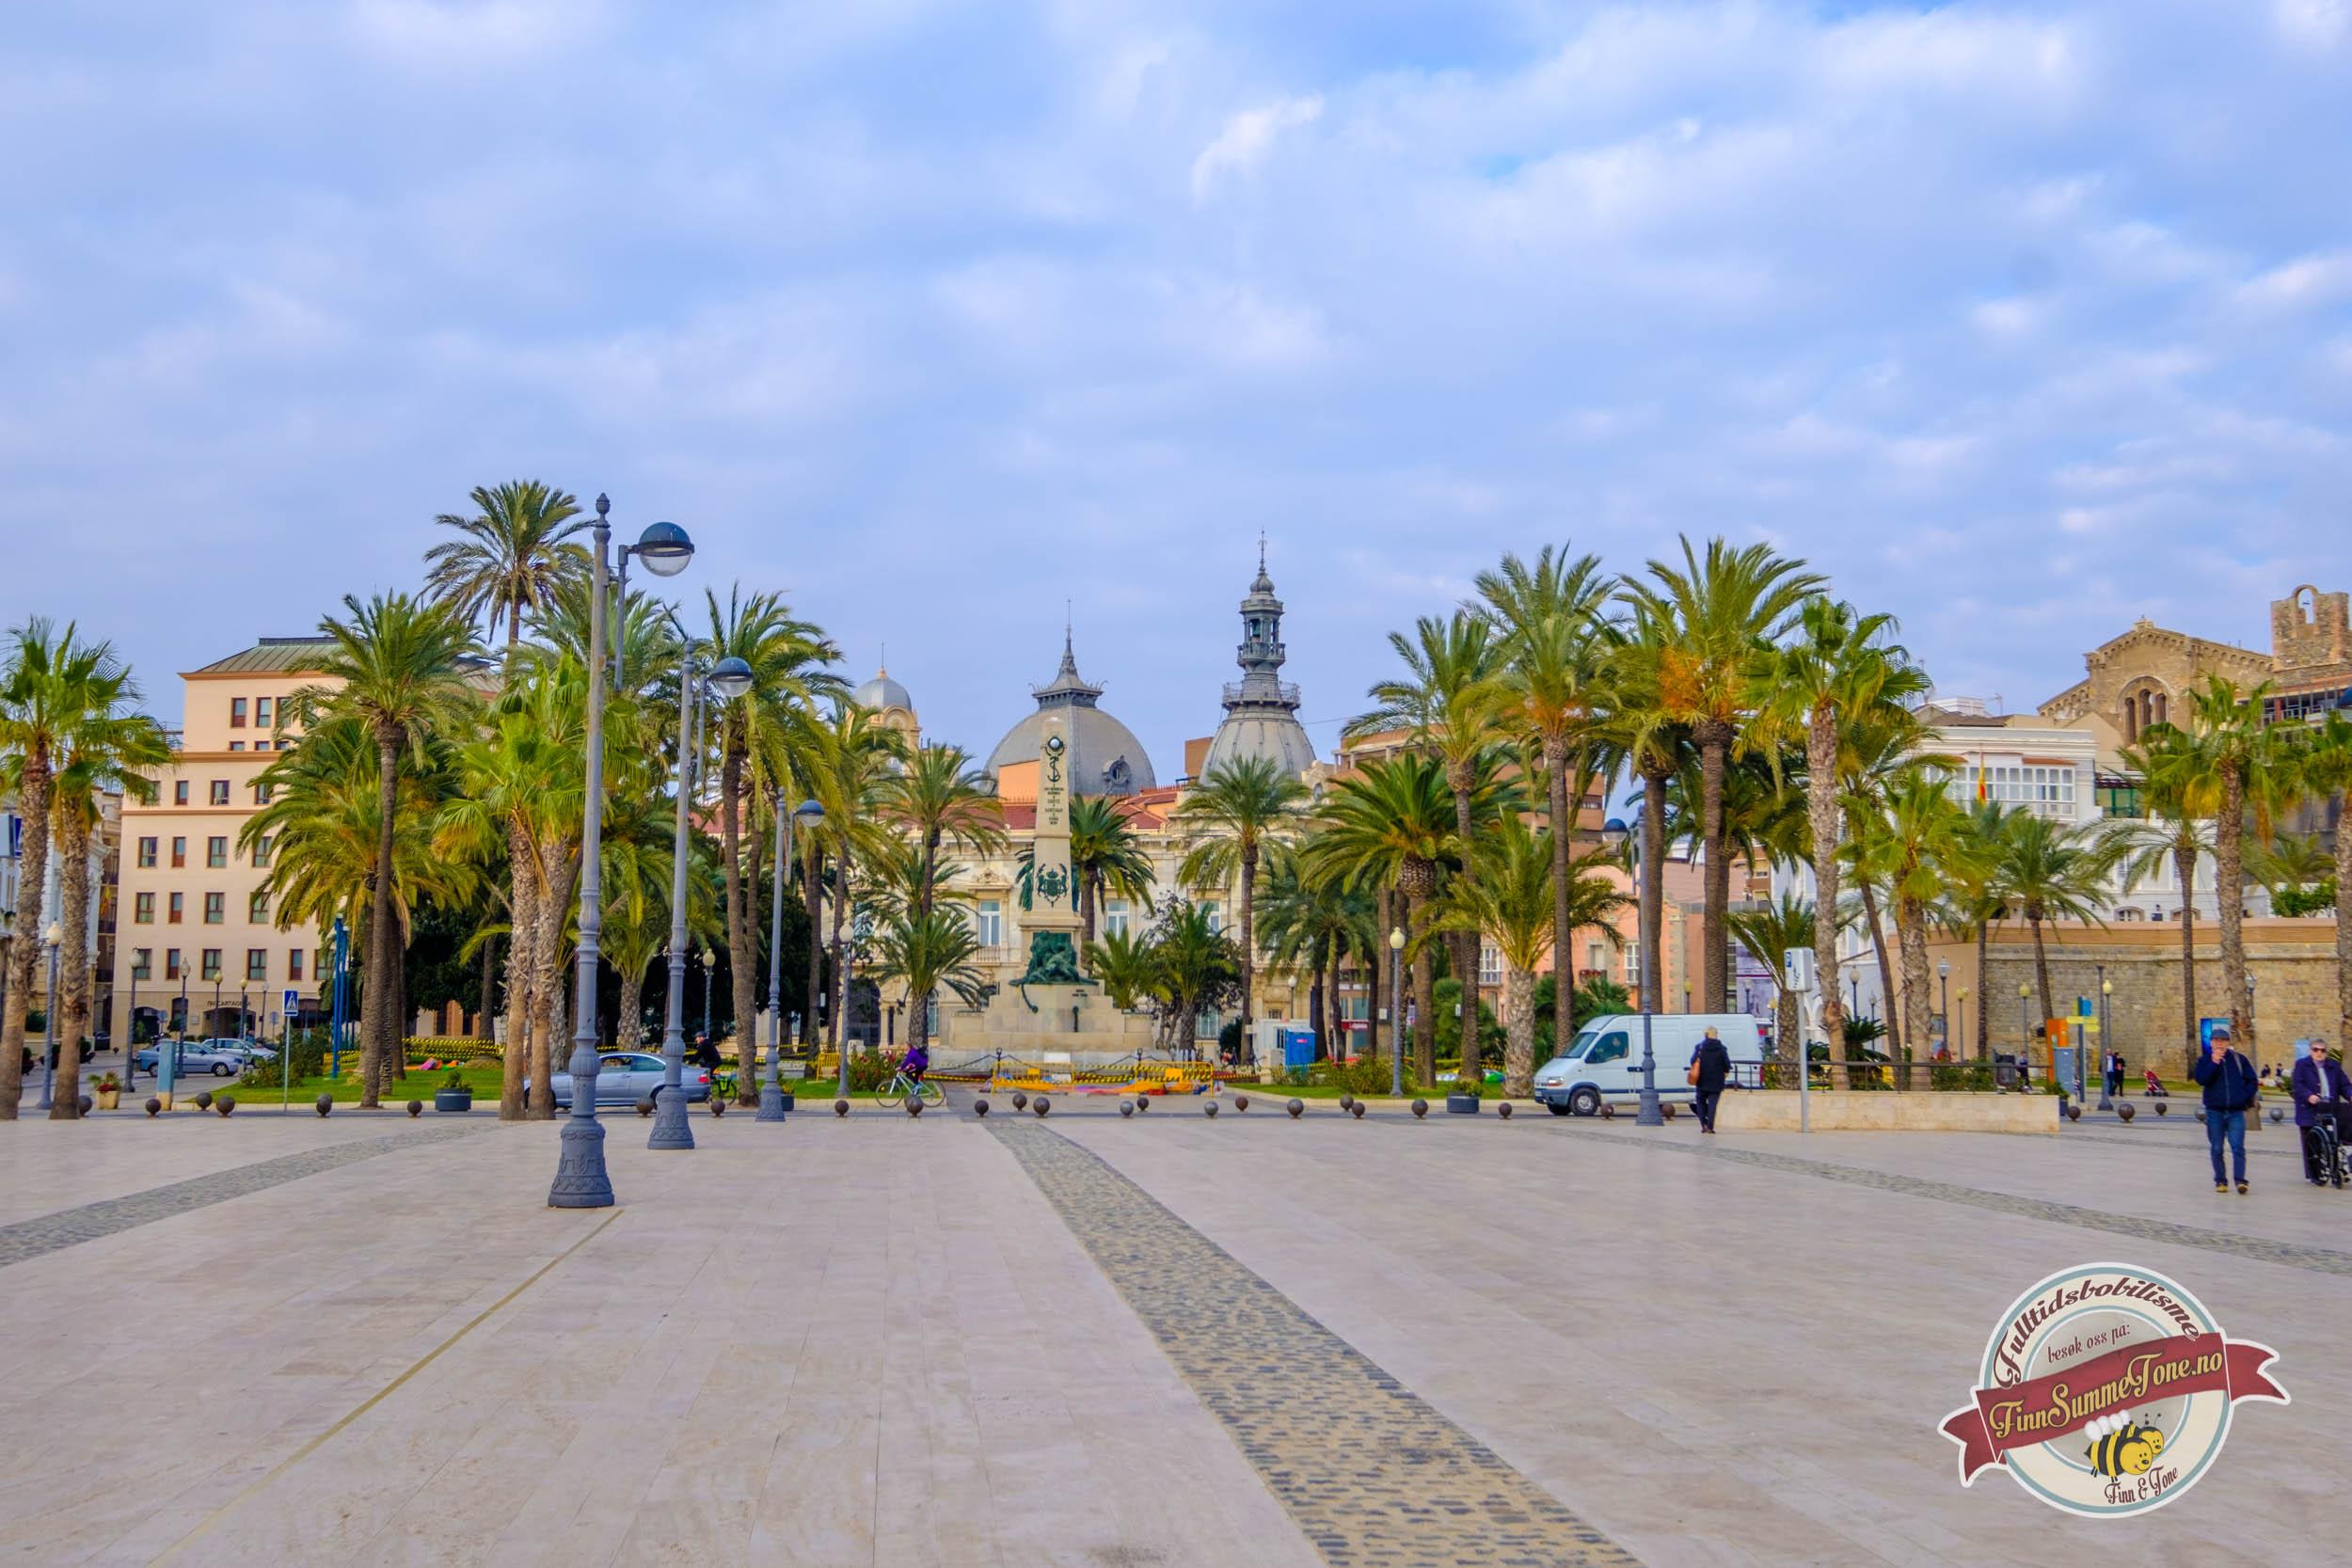 Byvandring i Cartagena